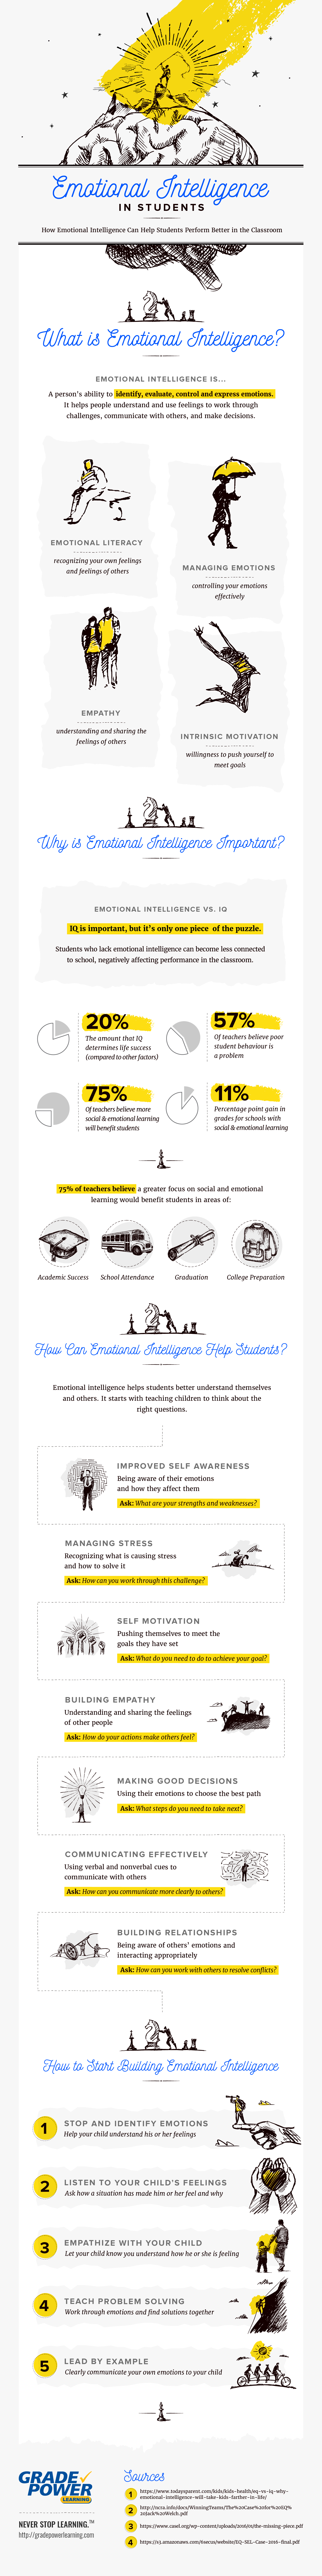 Nurturing Emotional Intelligence in Kids - Infographic